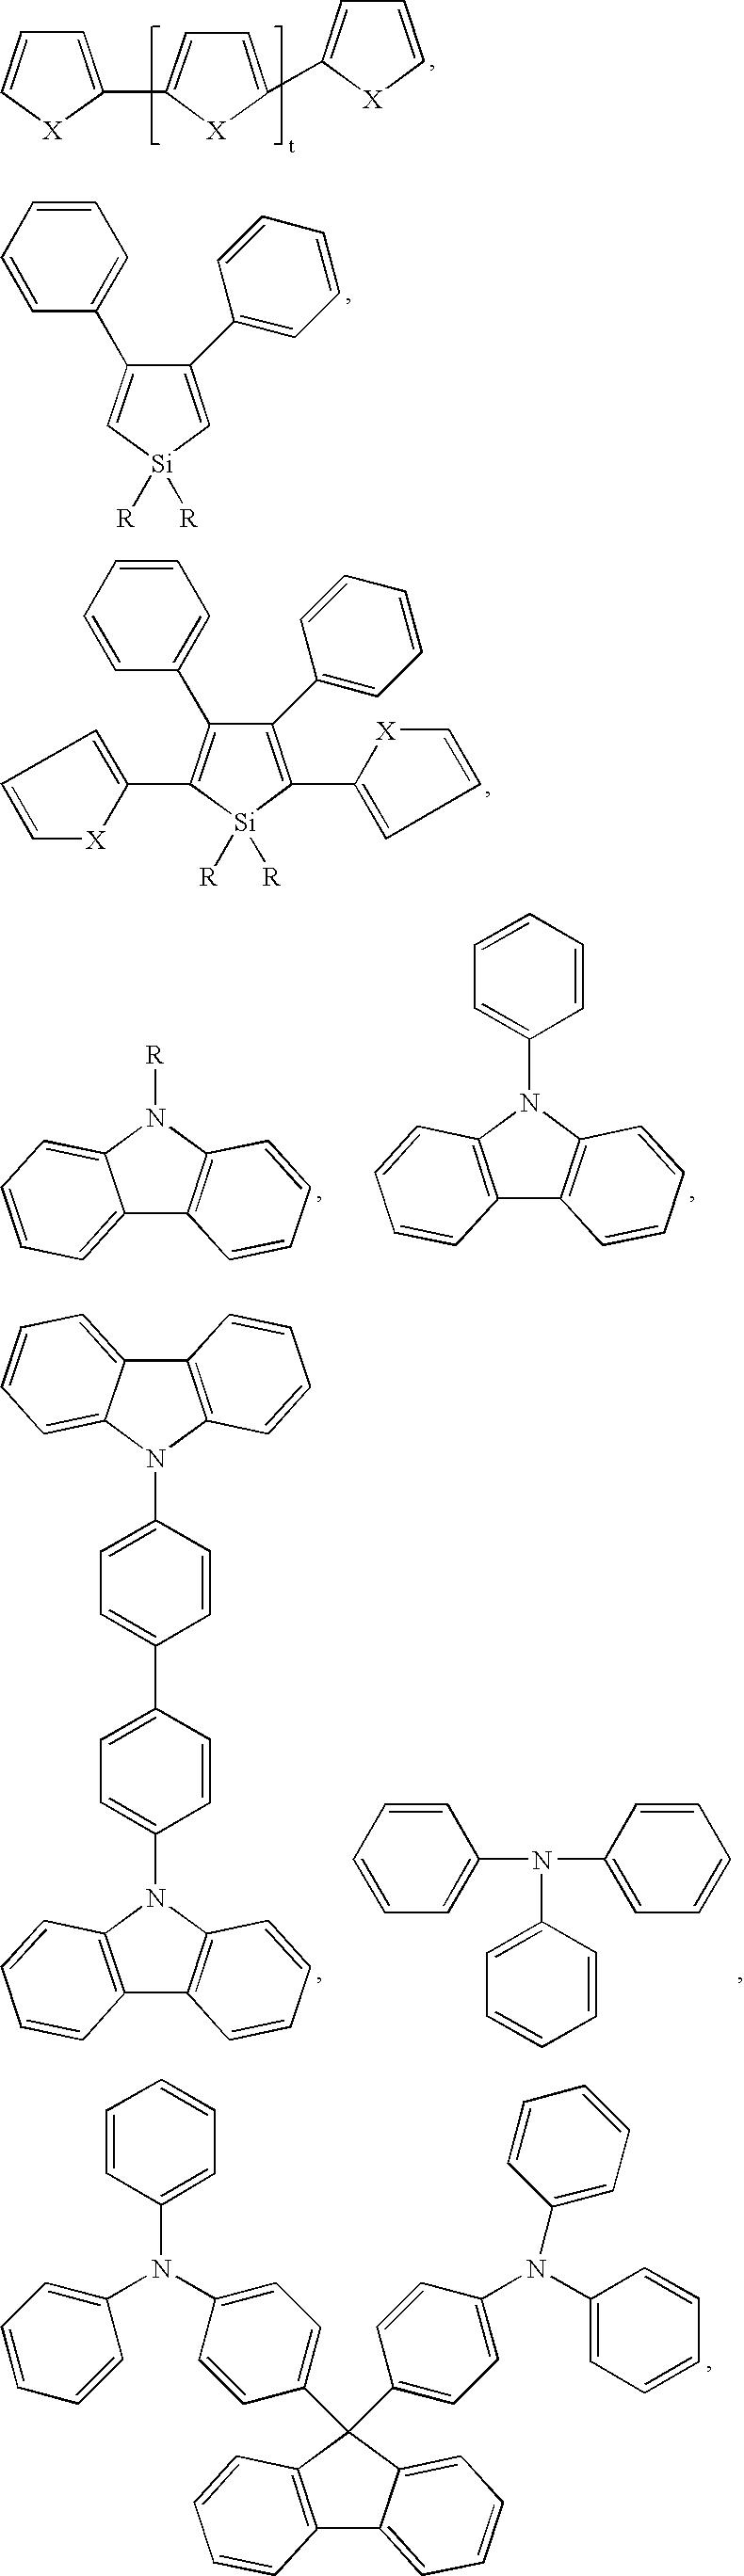 Figure US07192657-20070320-C00033